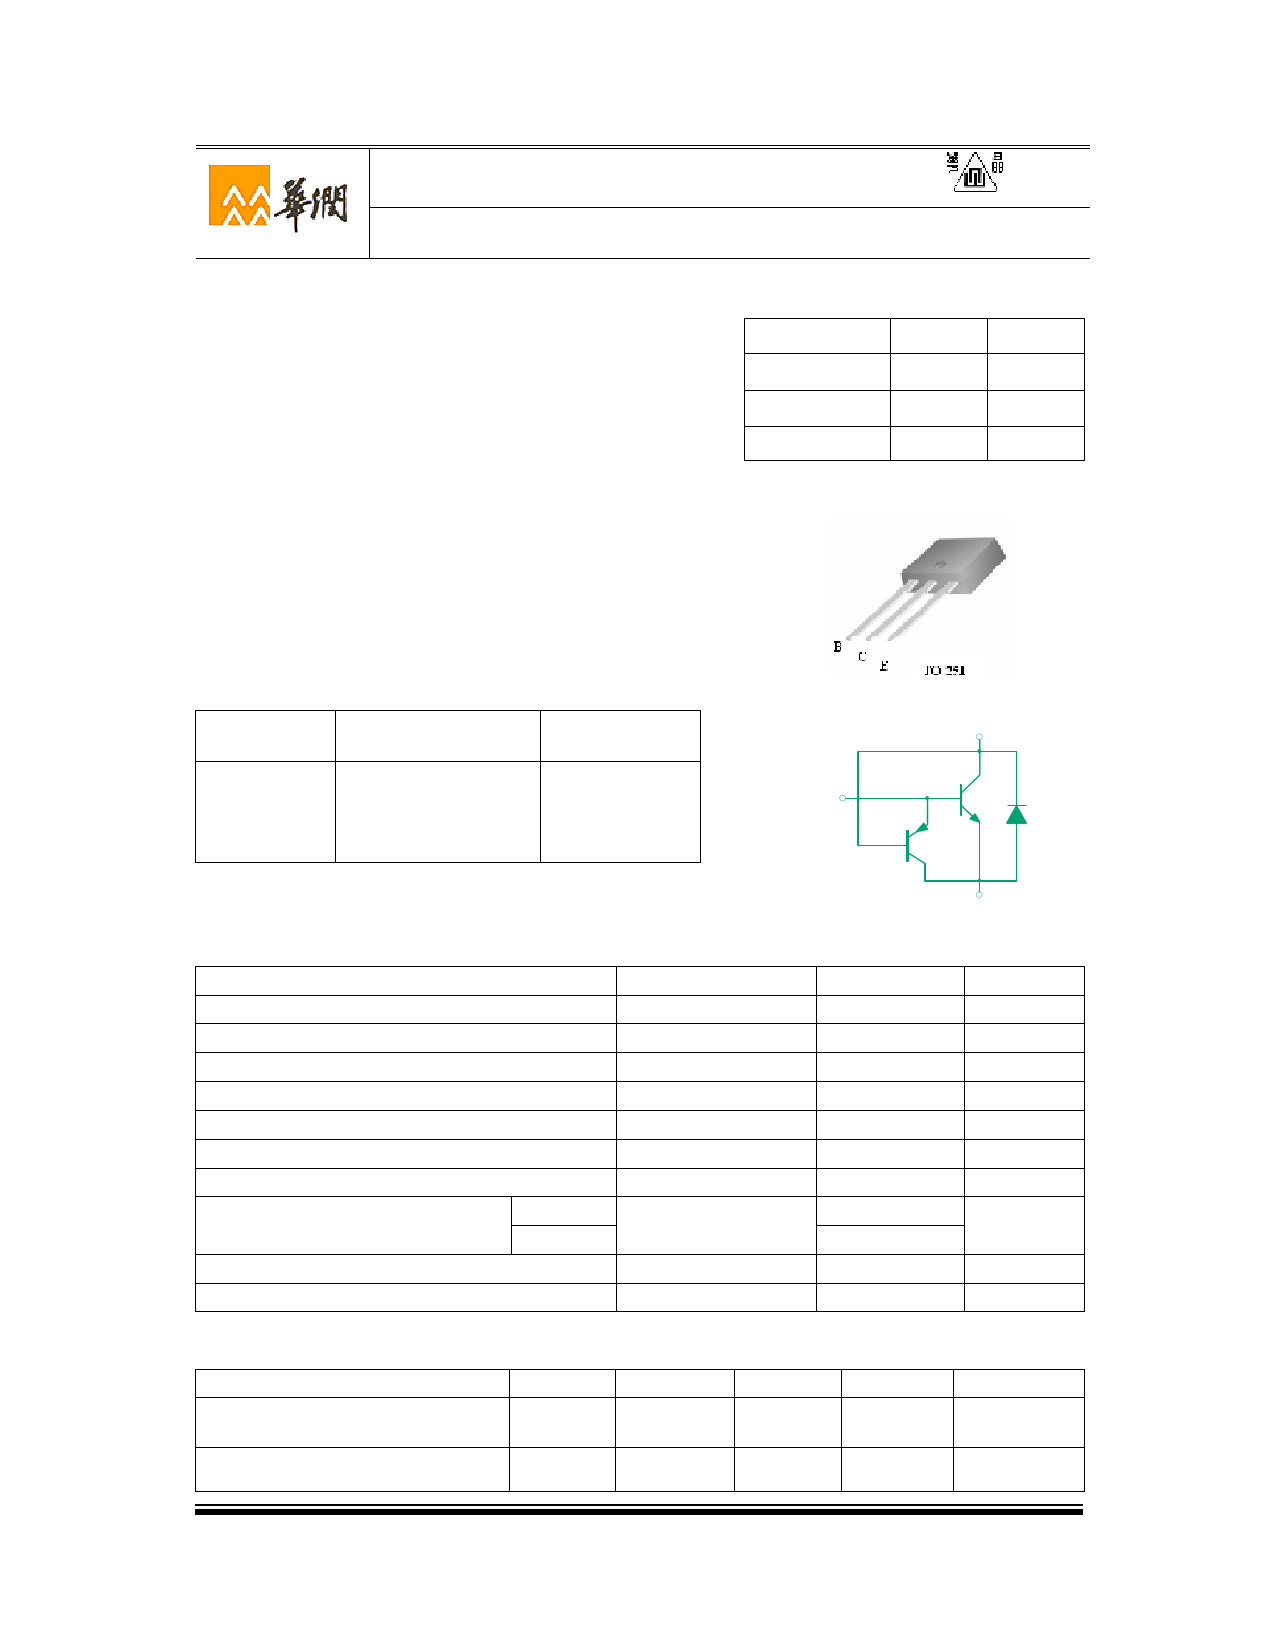 3DD13005C3D Datasheet, 3DD13005C3D PDF,ピン配置, 機能